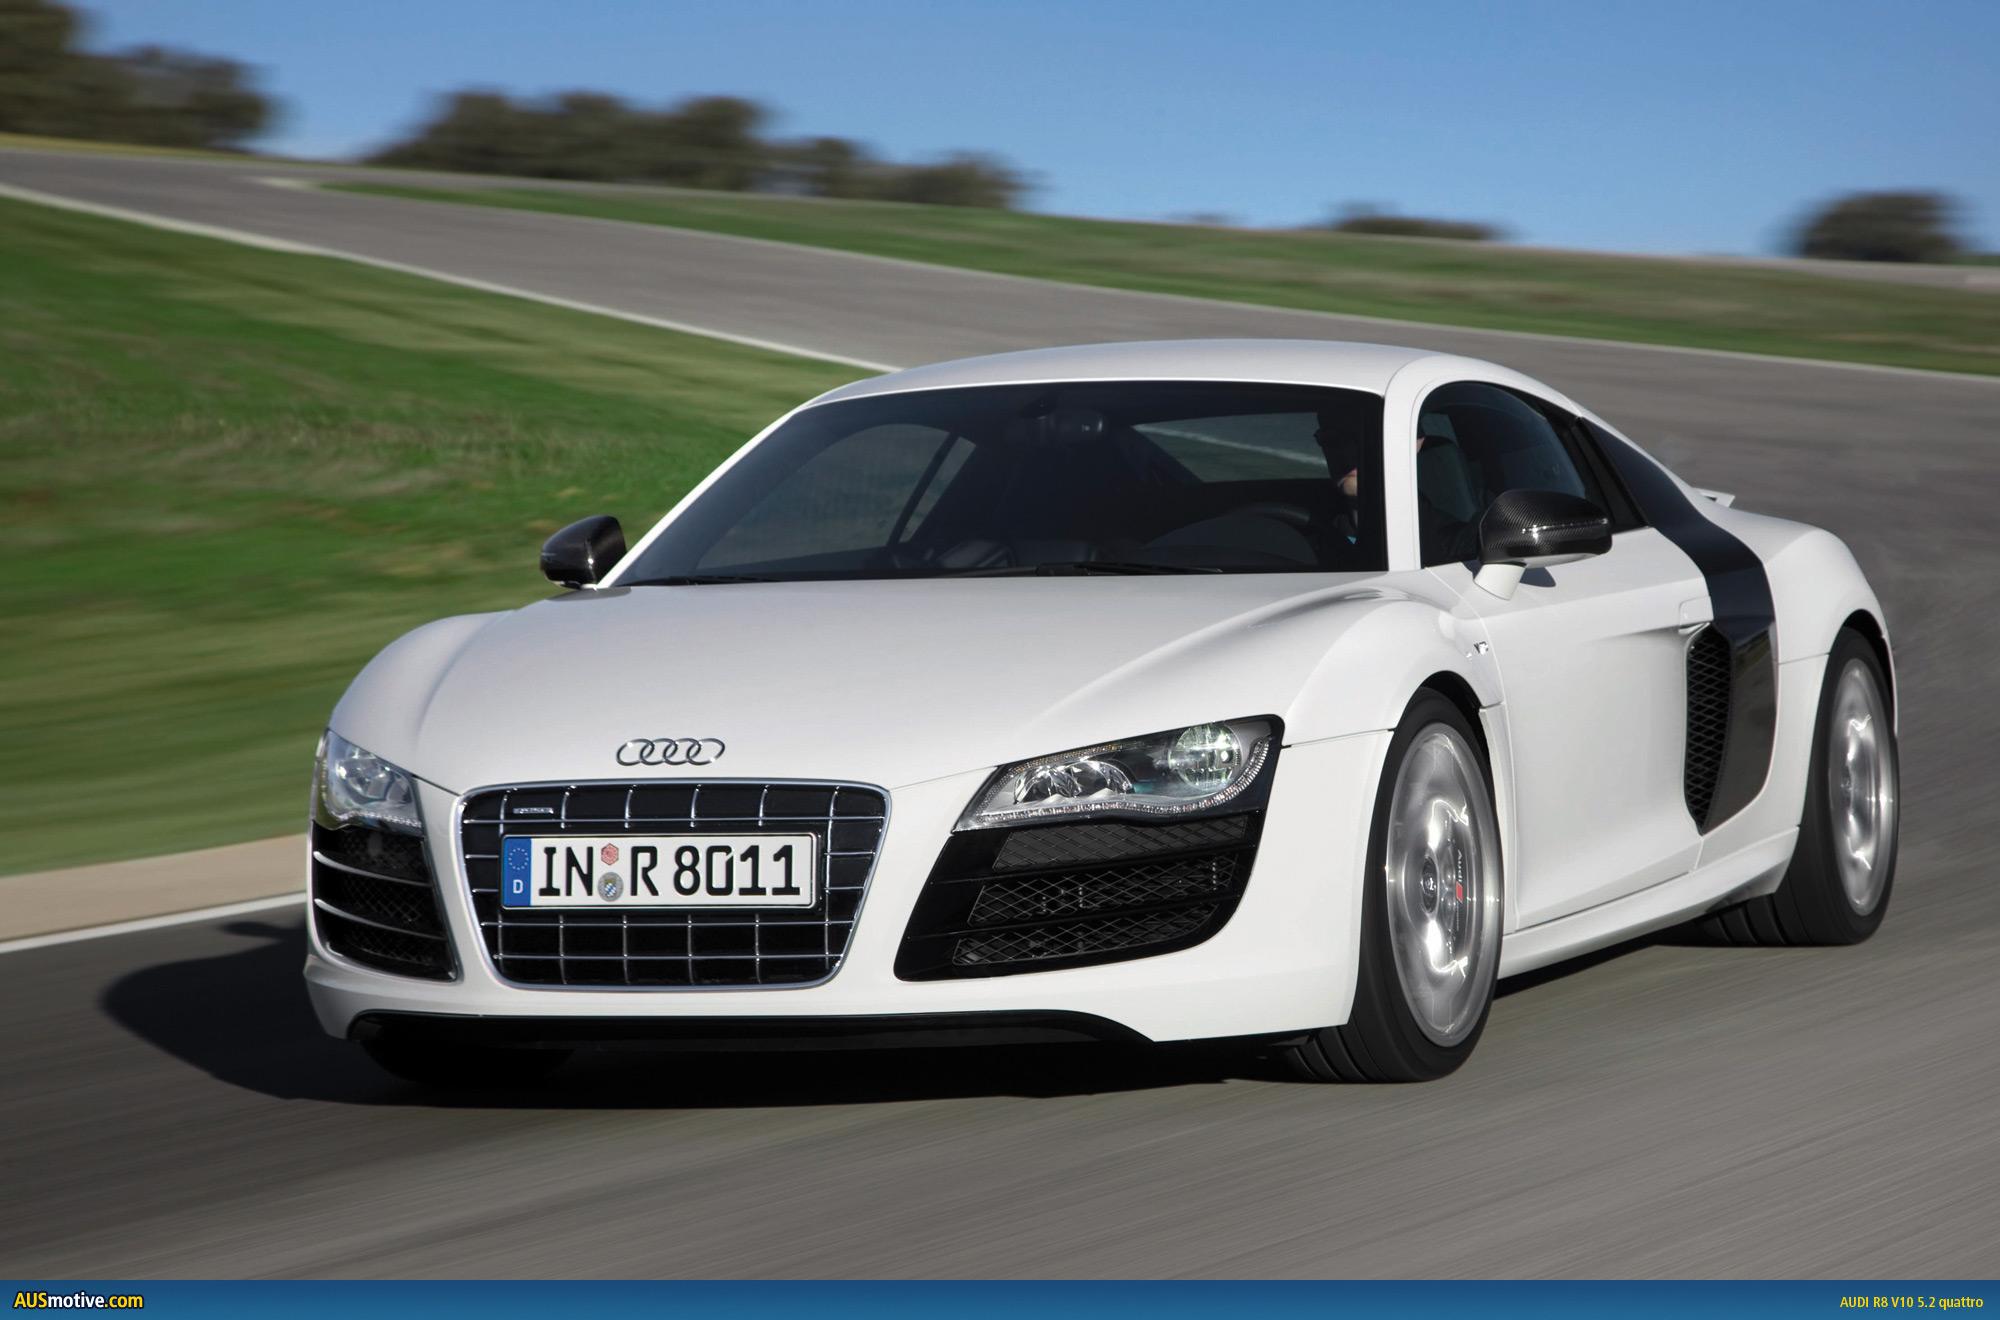 AUSmotive.com » Audi R8 V10 - World Performance Car 2010